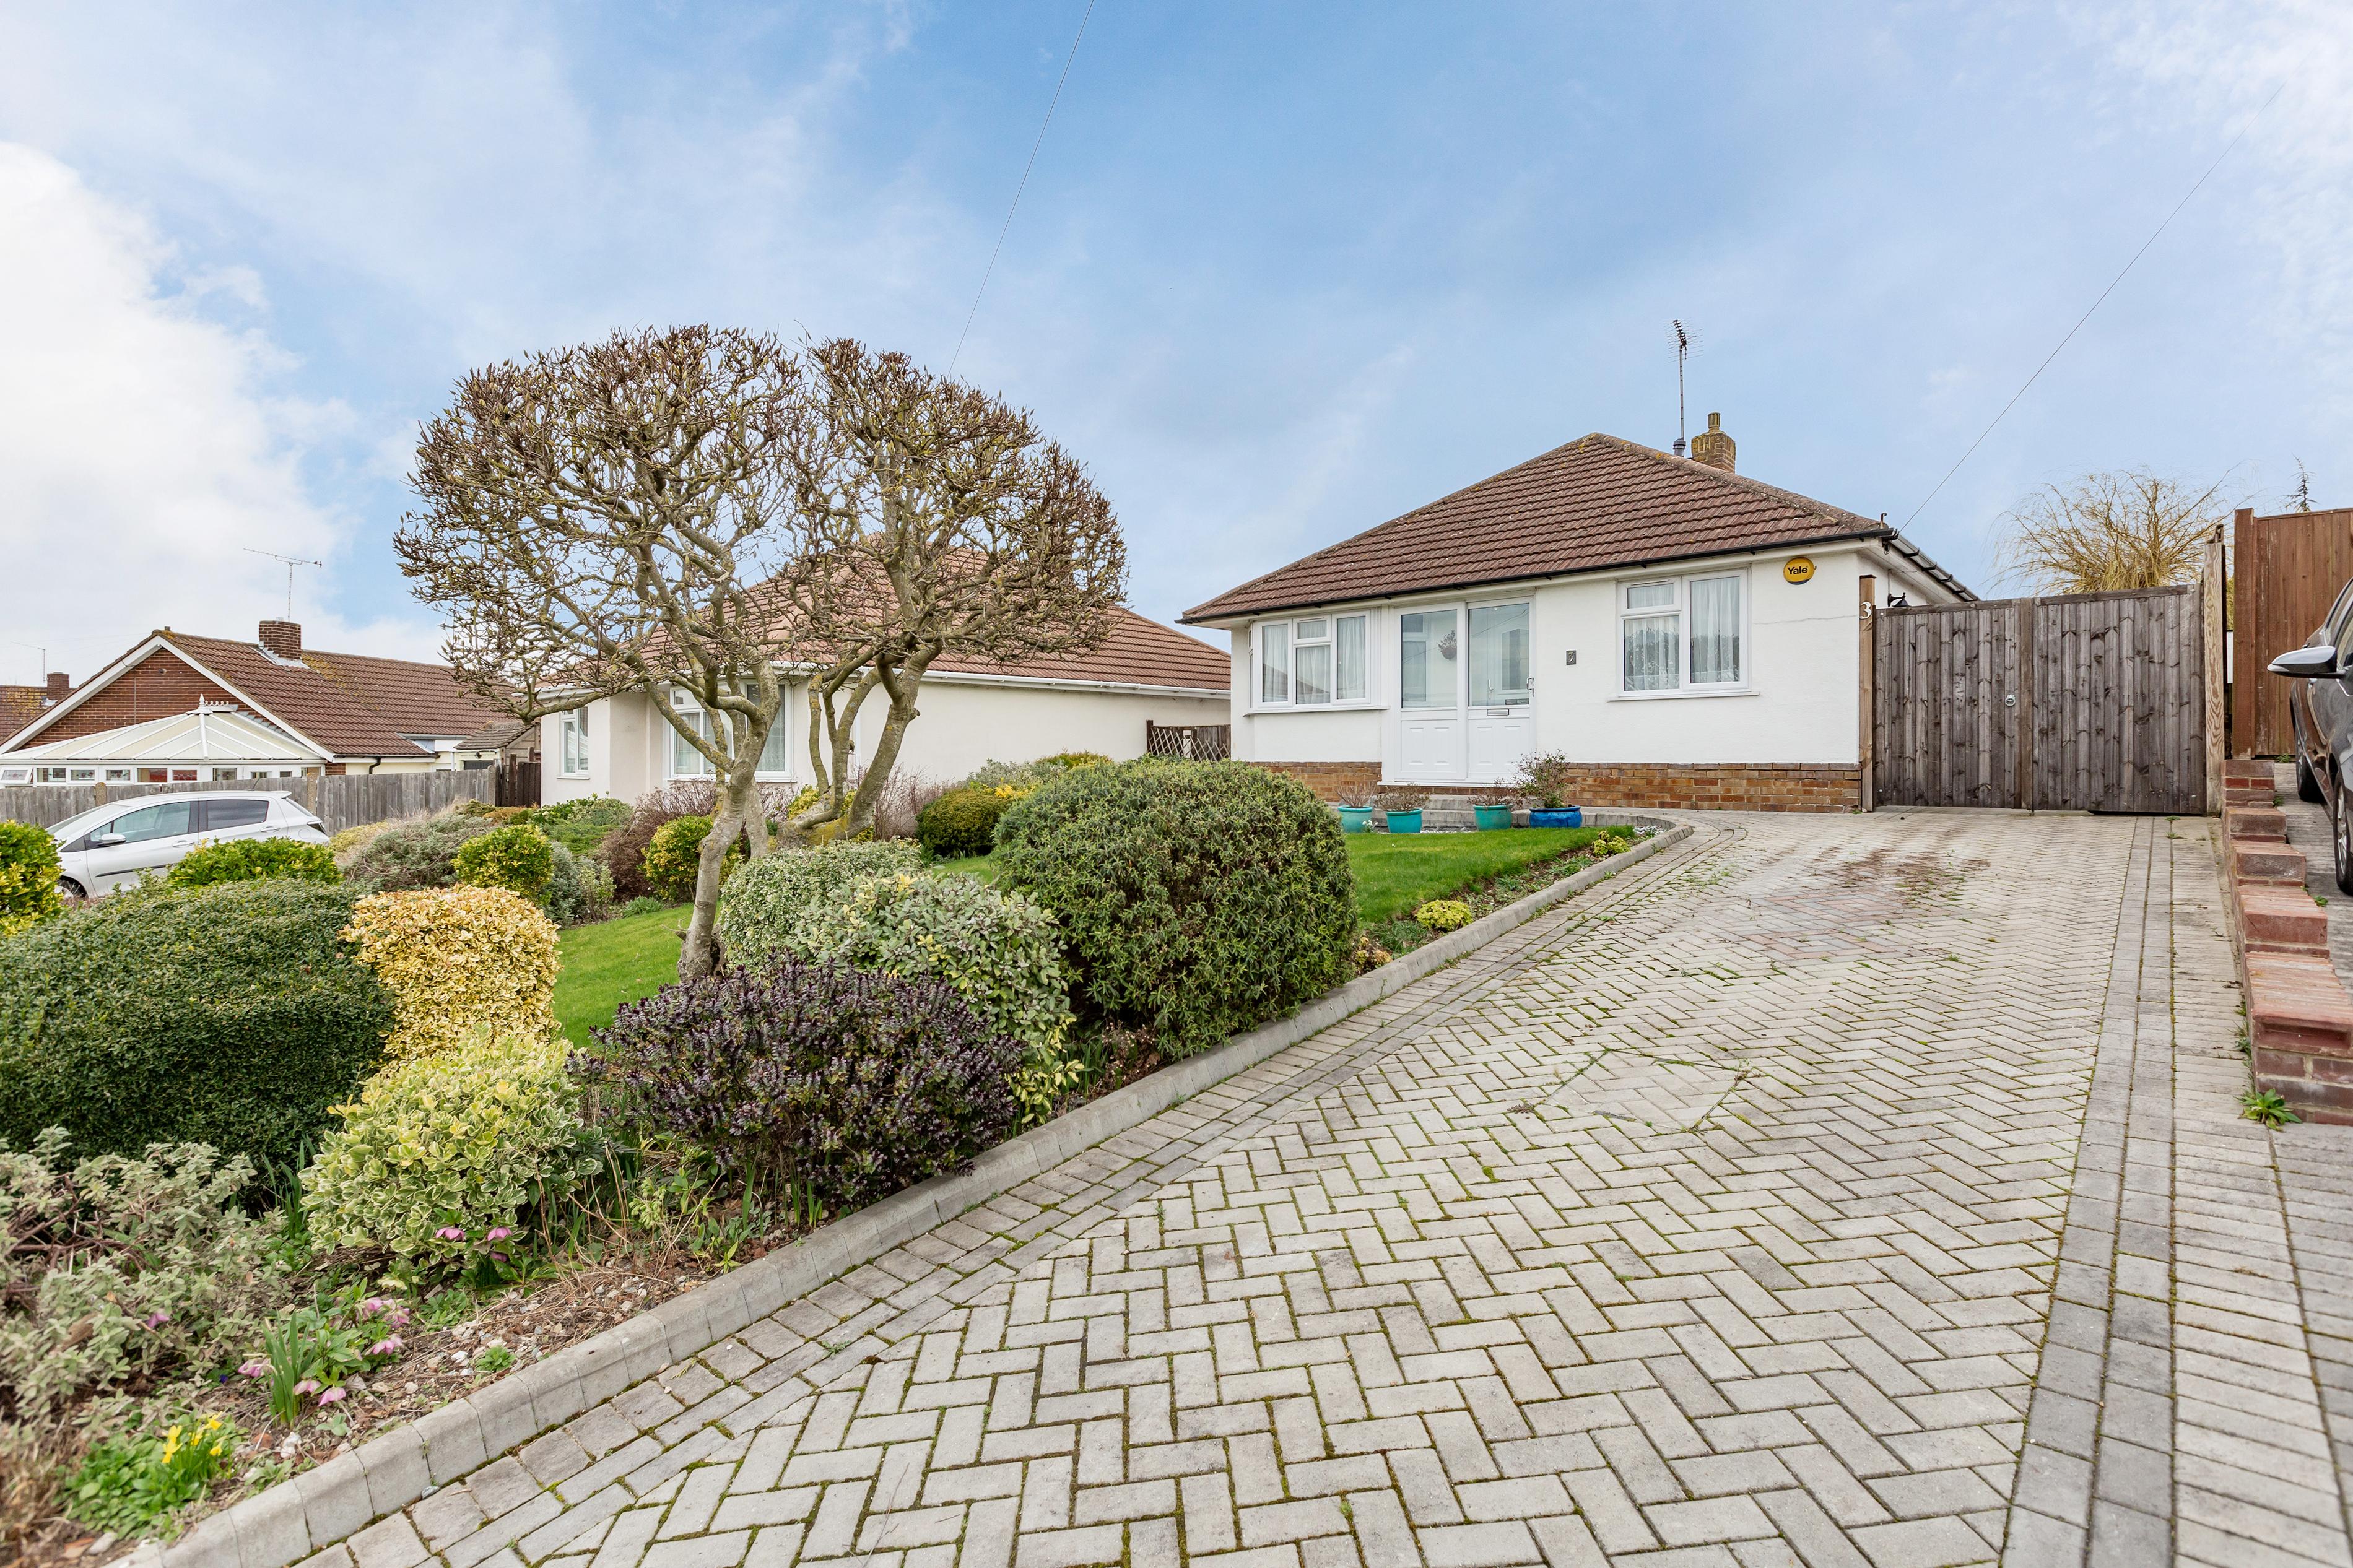 Longfield - £520,000